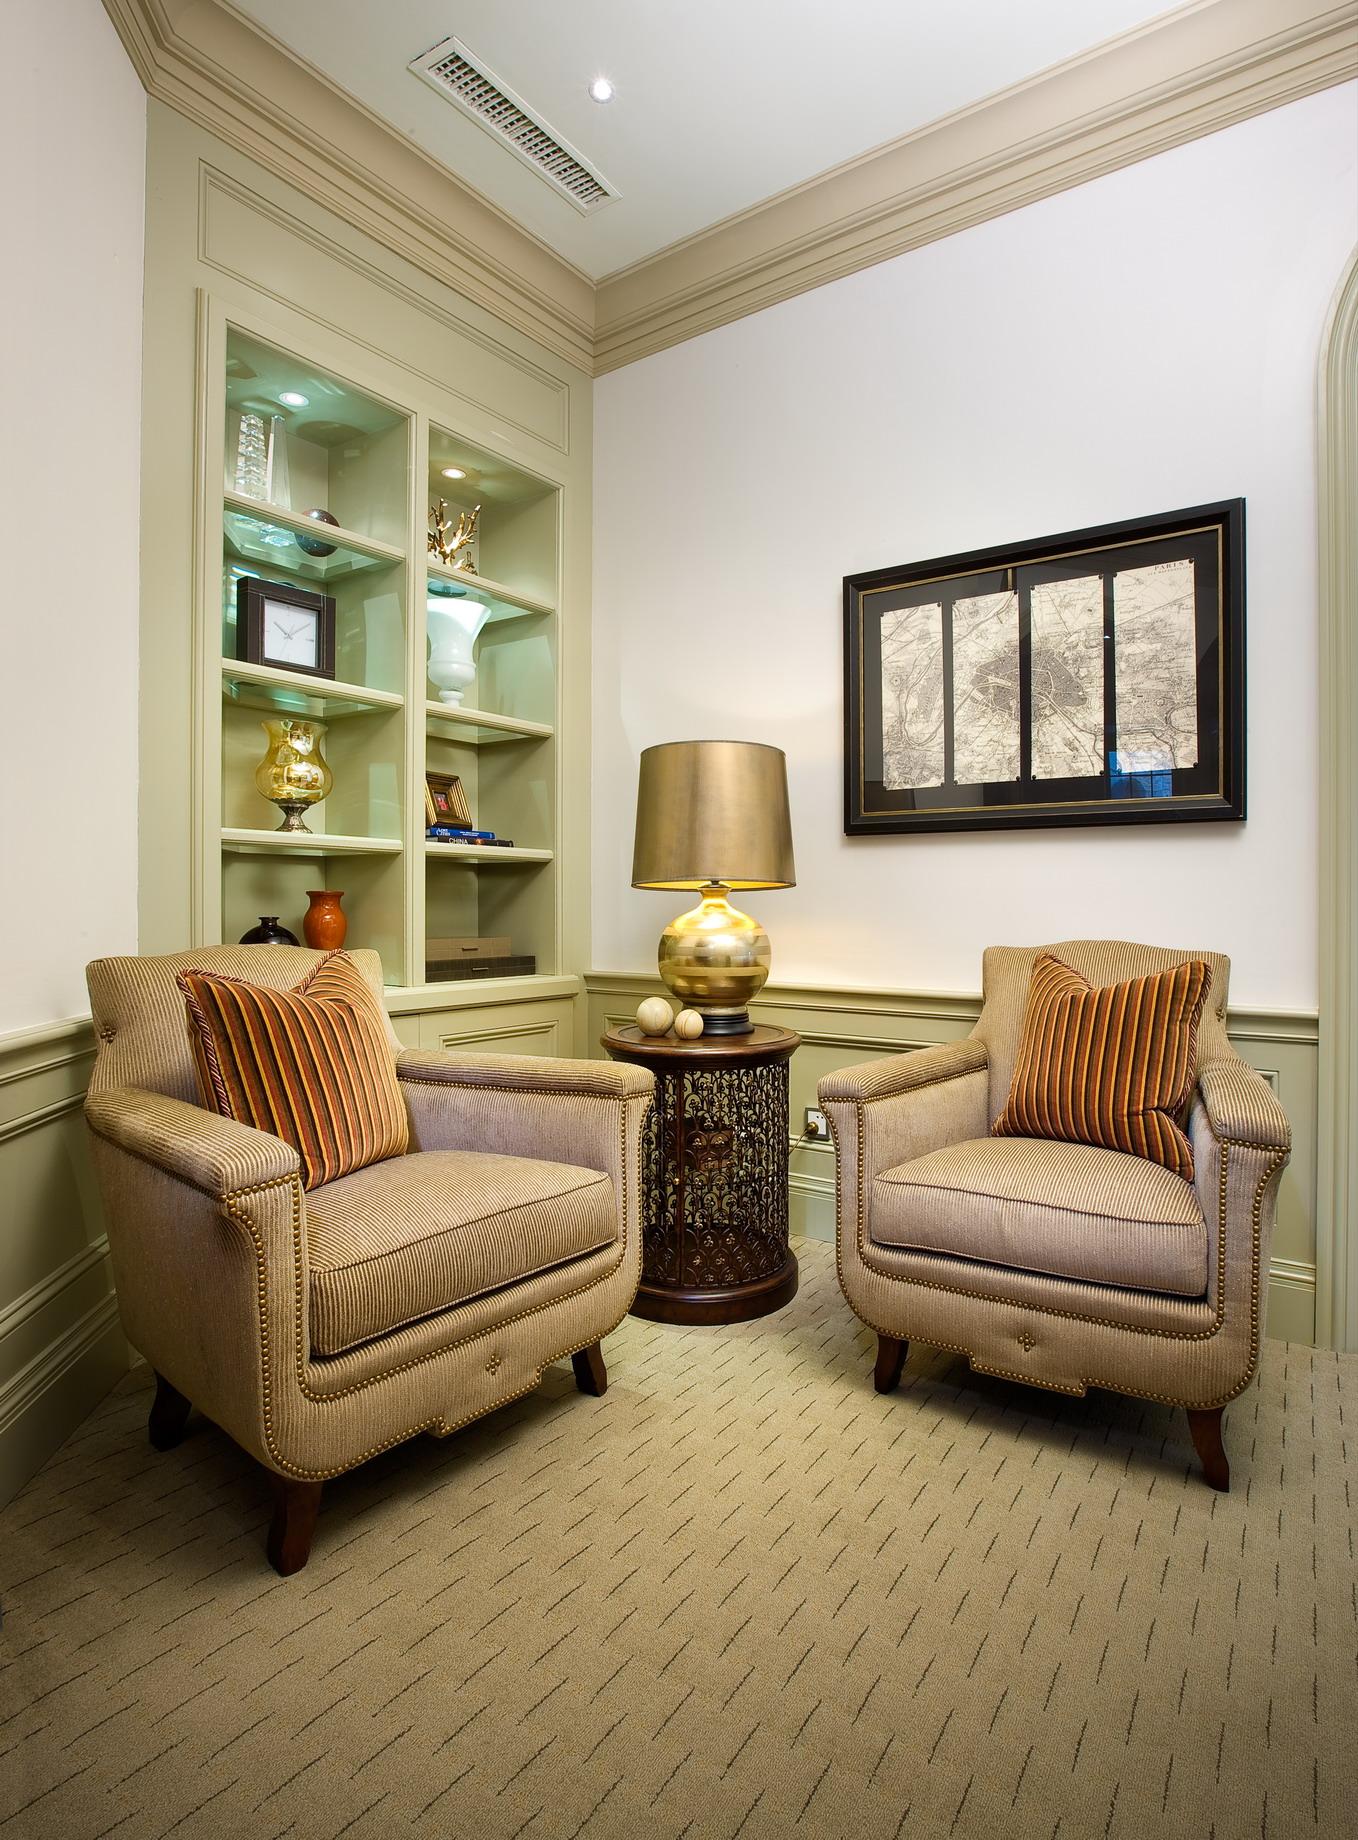 美式 别墅 度假别墅 舒心 大气 其他图片来自武汉实创装饰在千岛湖度假别墅,舒心美式豪宅的分享